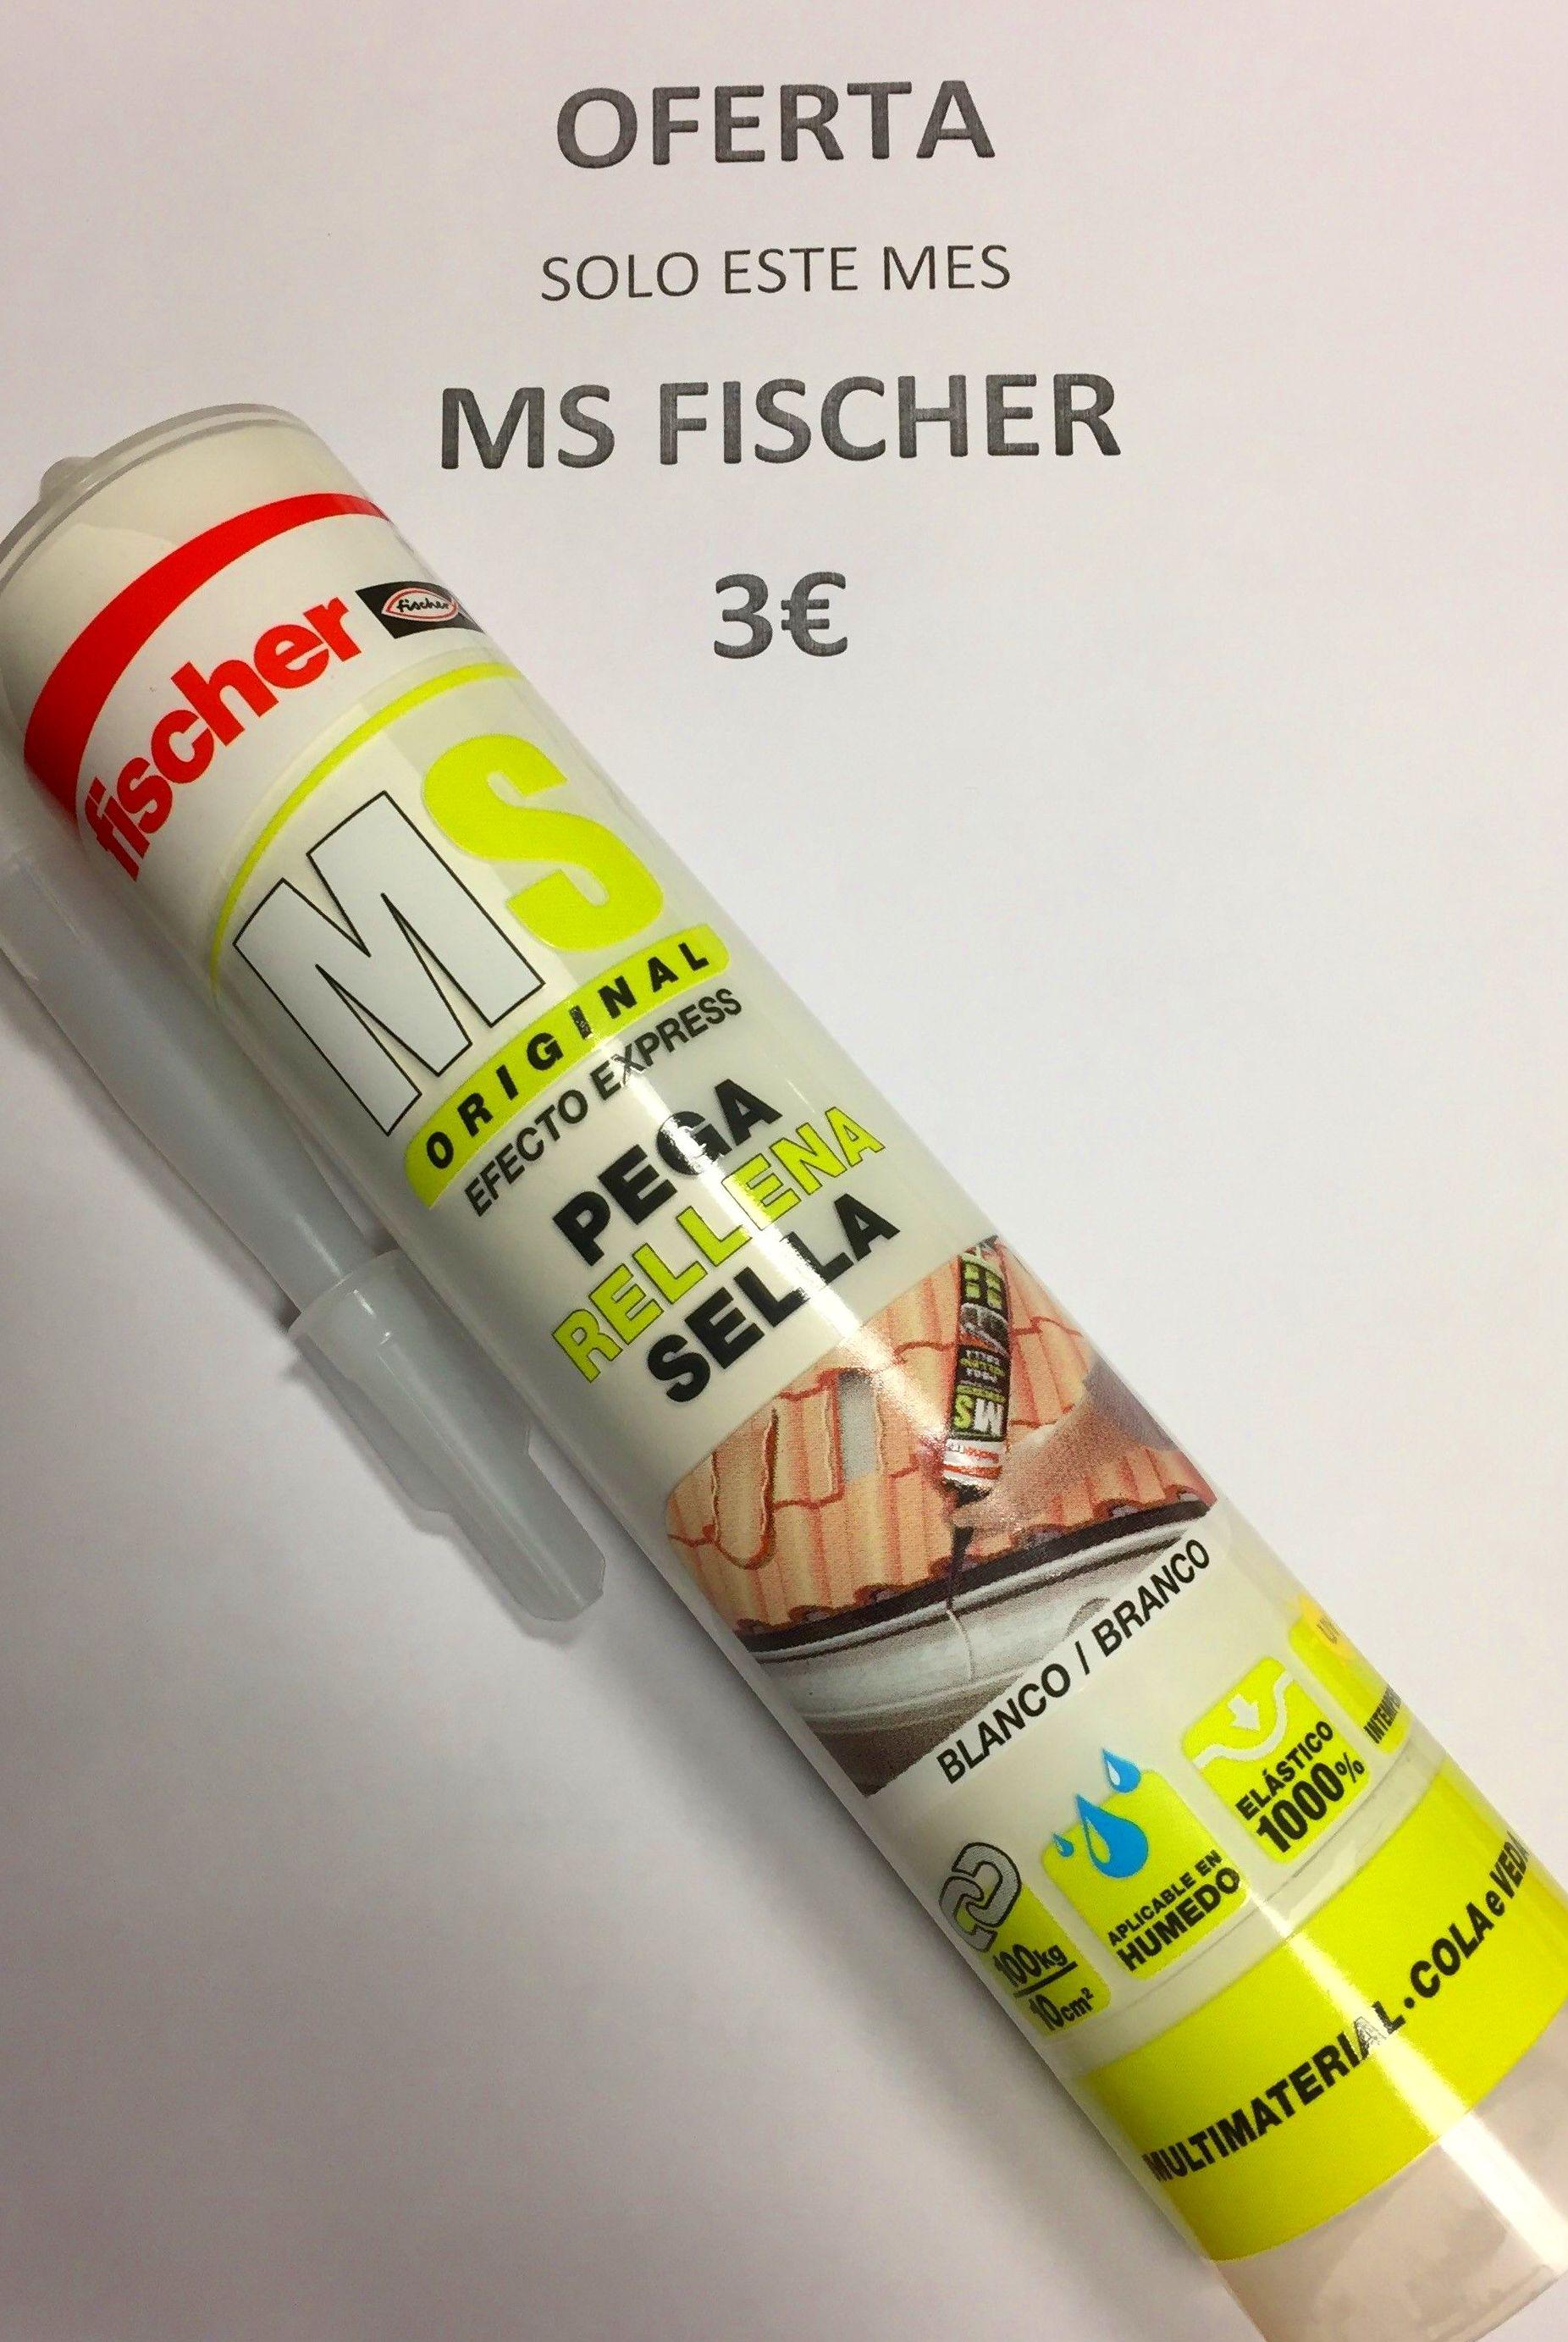 MS FISCHER